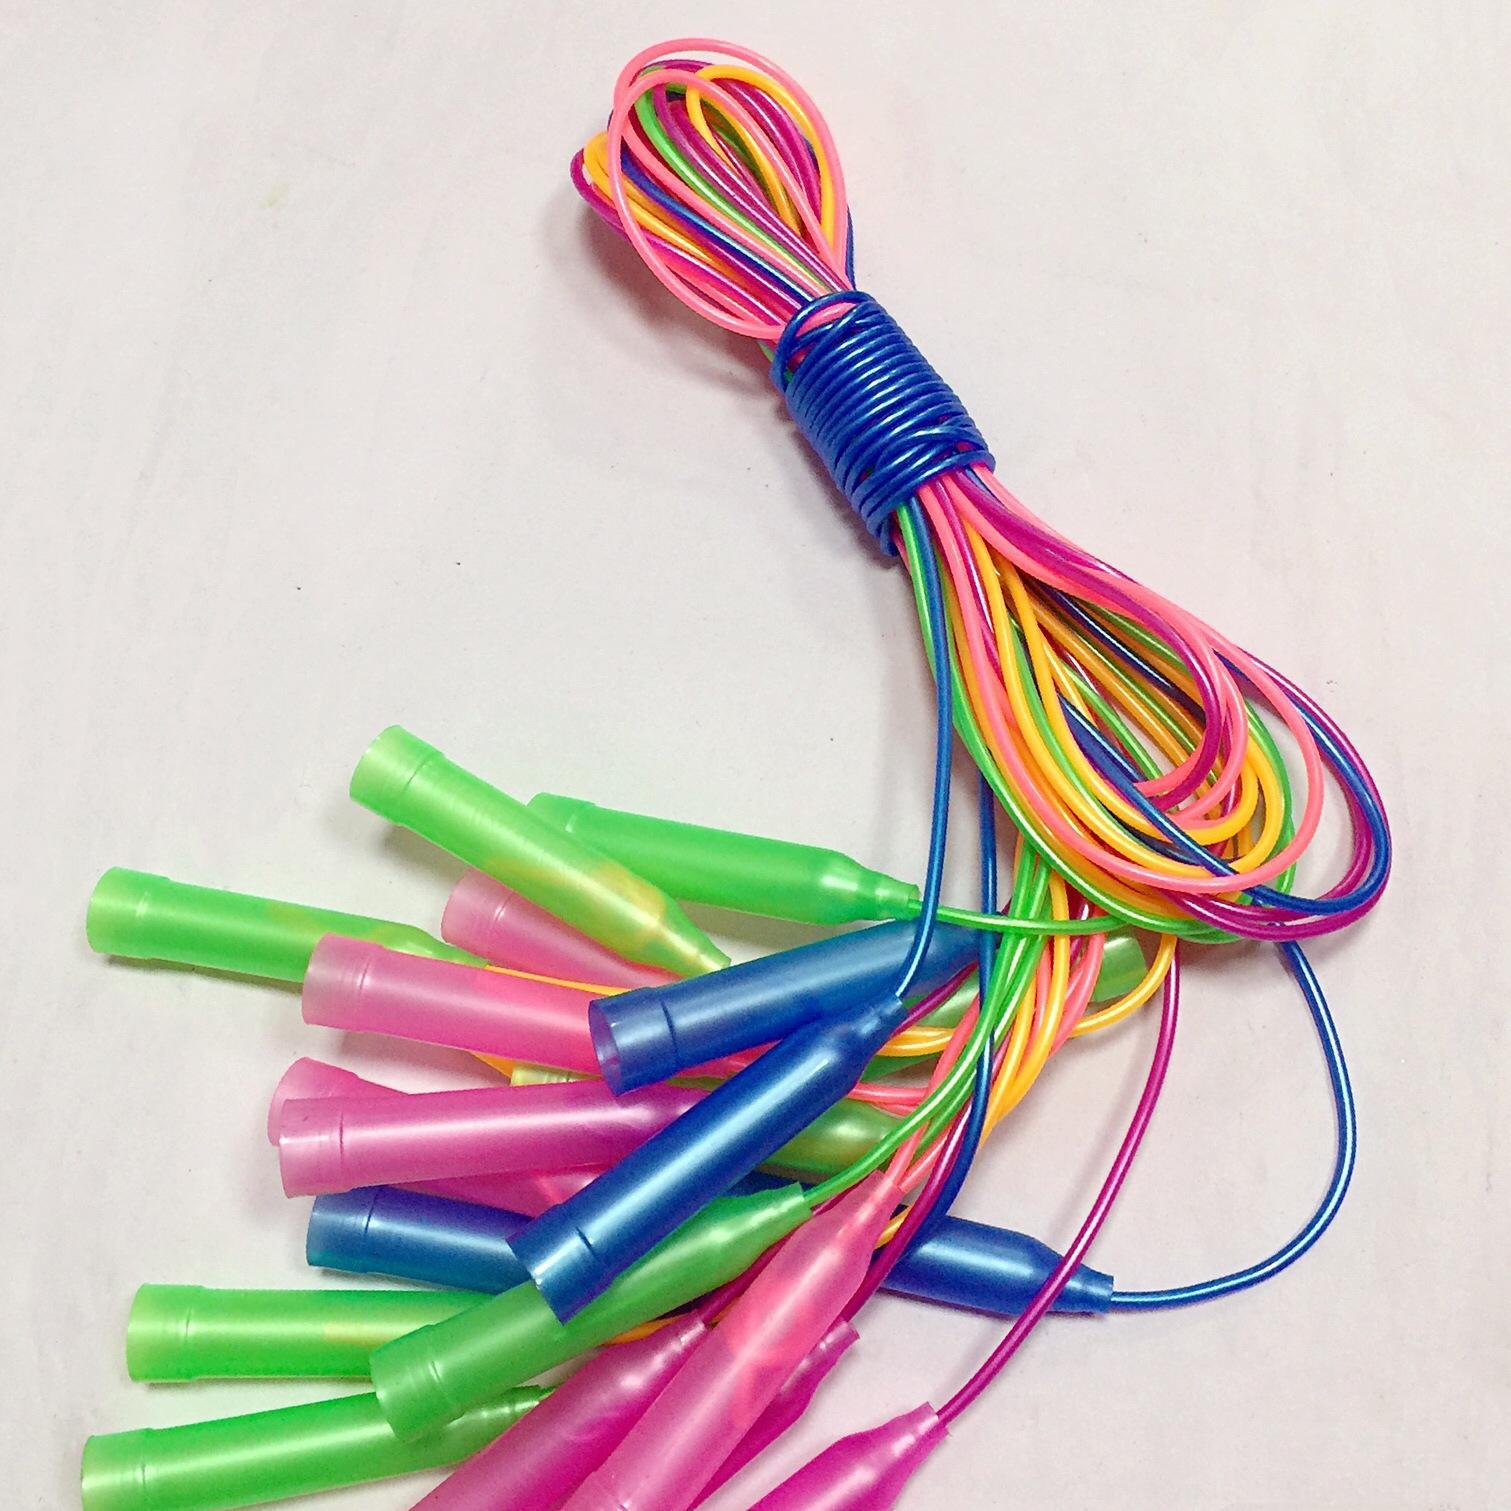 KSv2u plastique coloré couleur sports étudiants pour enfants articles de sport sportif corde à sauter corde à sauter poignée en plastique uSmeN sport étudiant